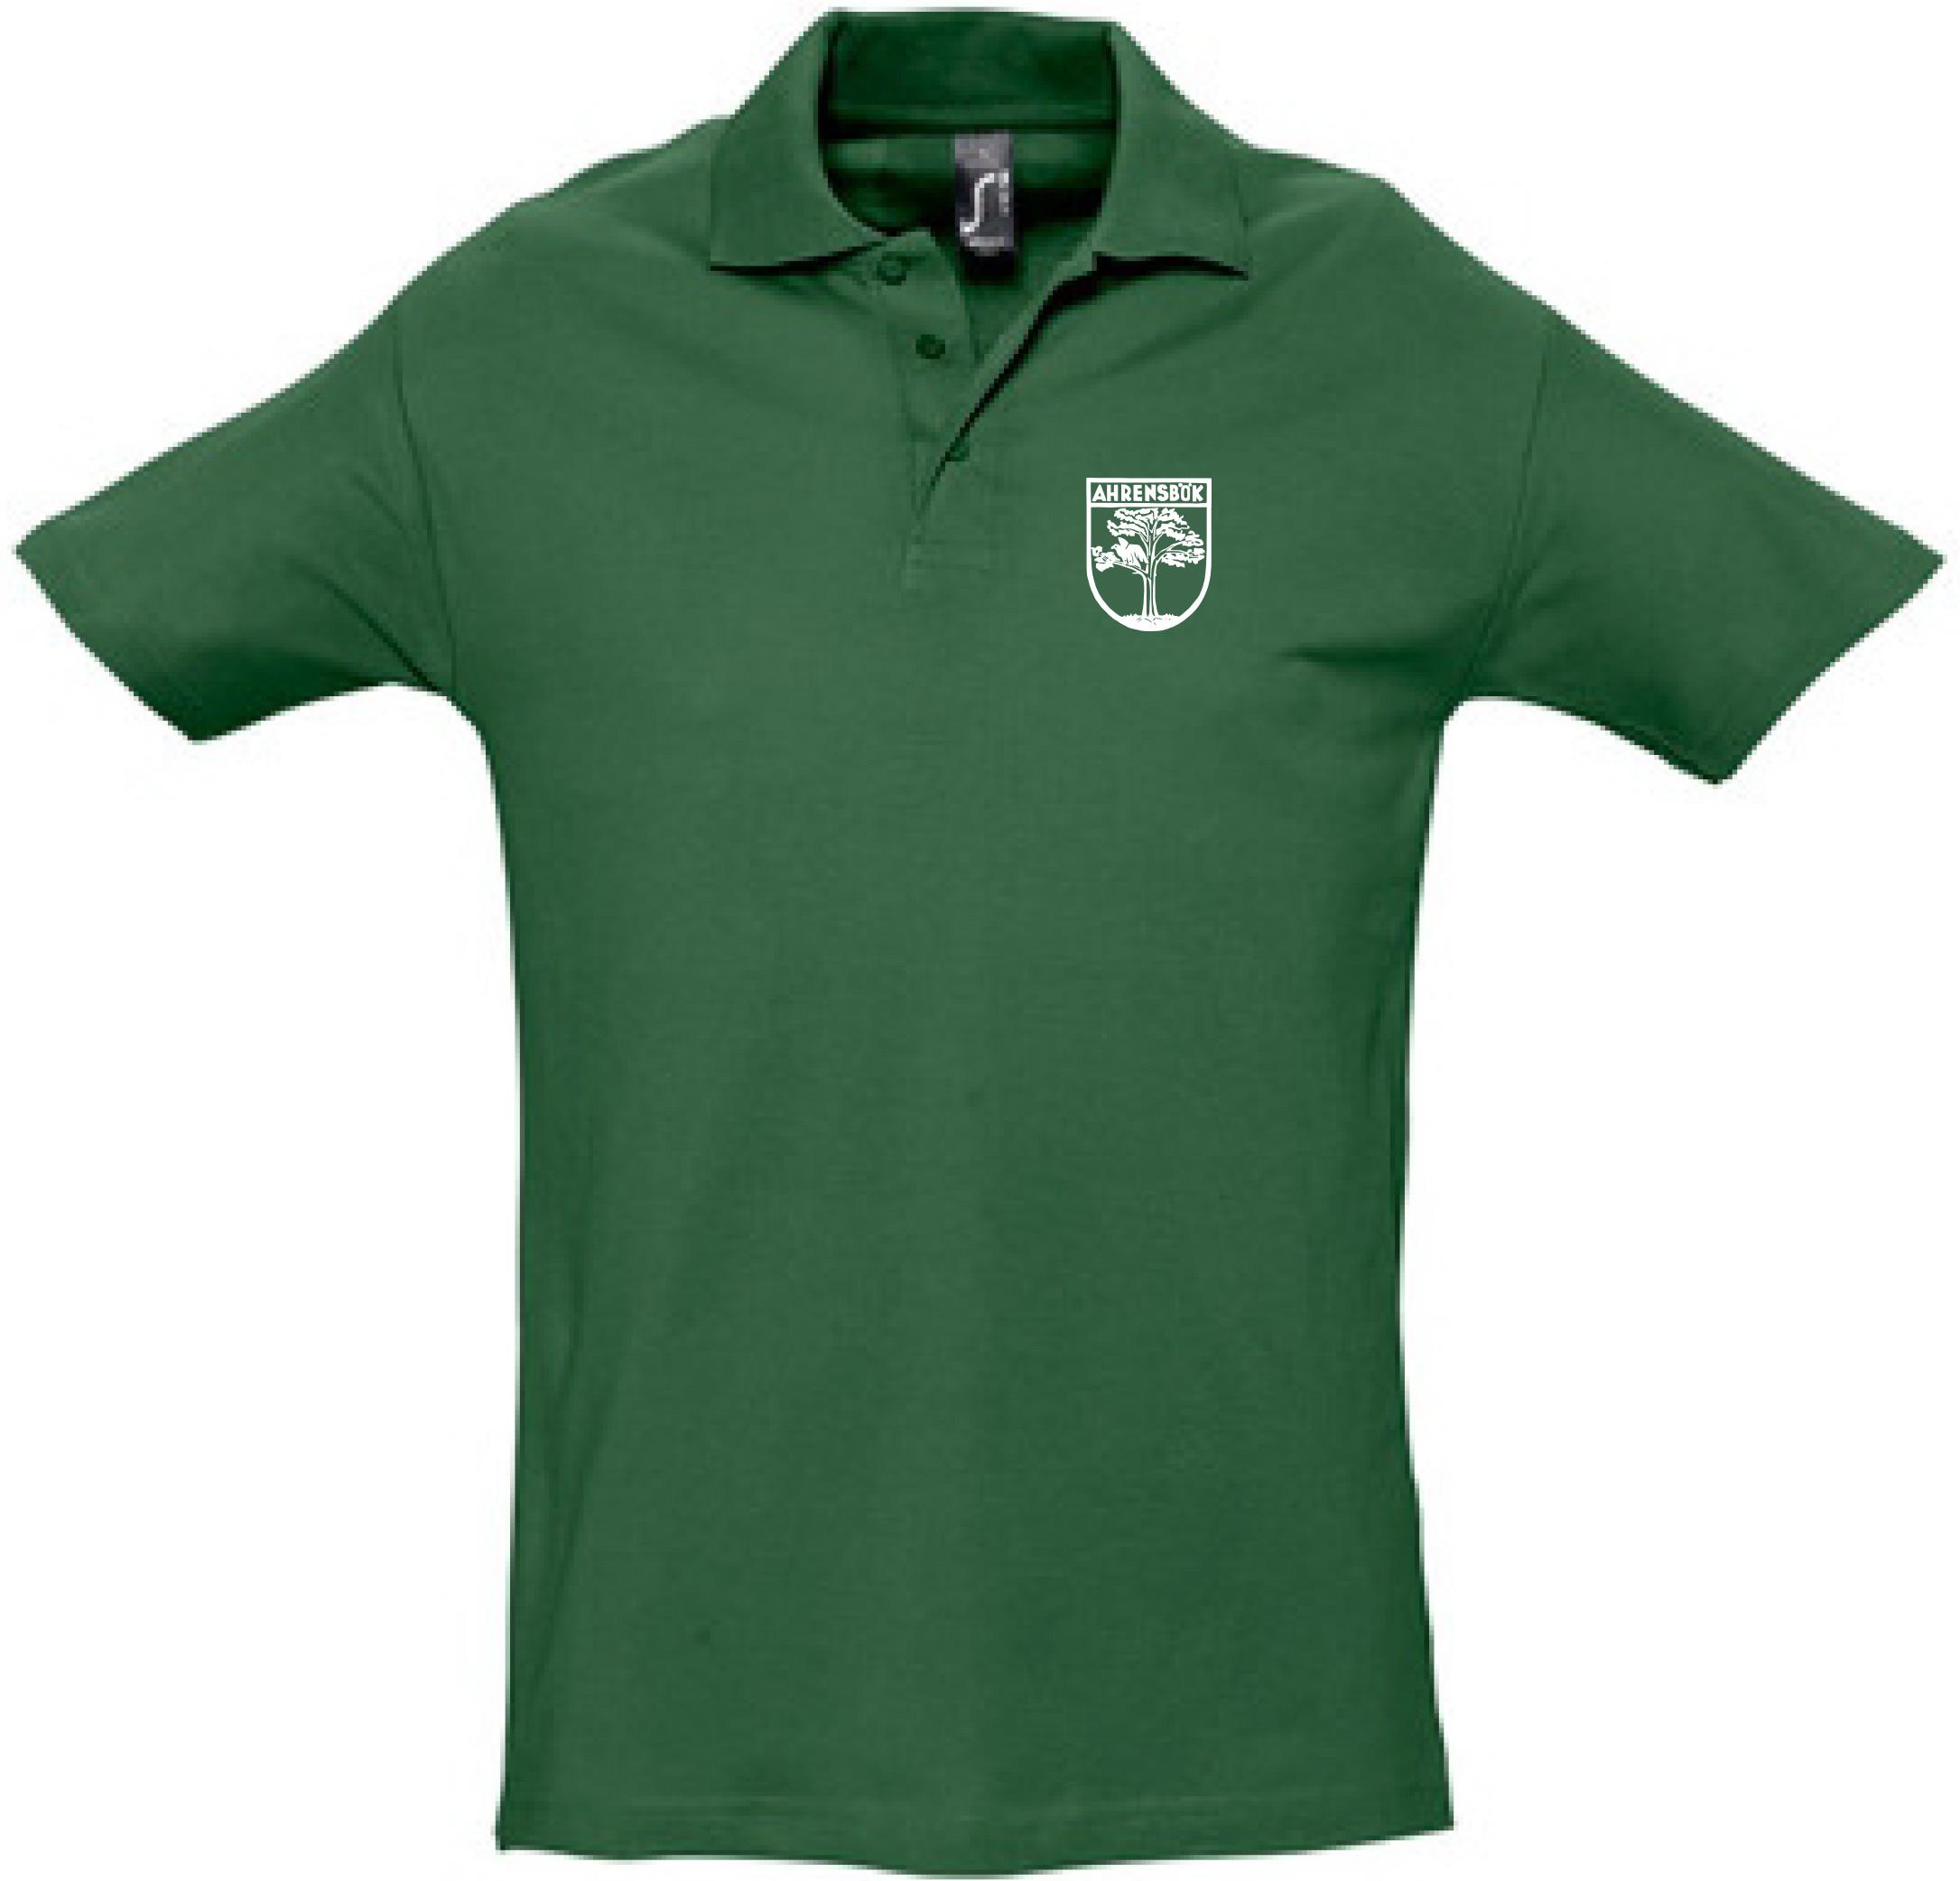 Polo-Shirt grün mit Stick Wappen in weiß